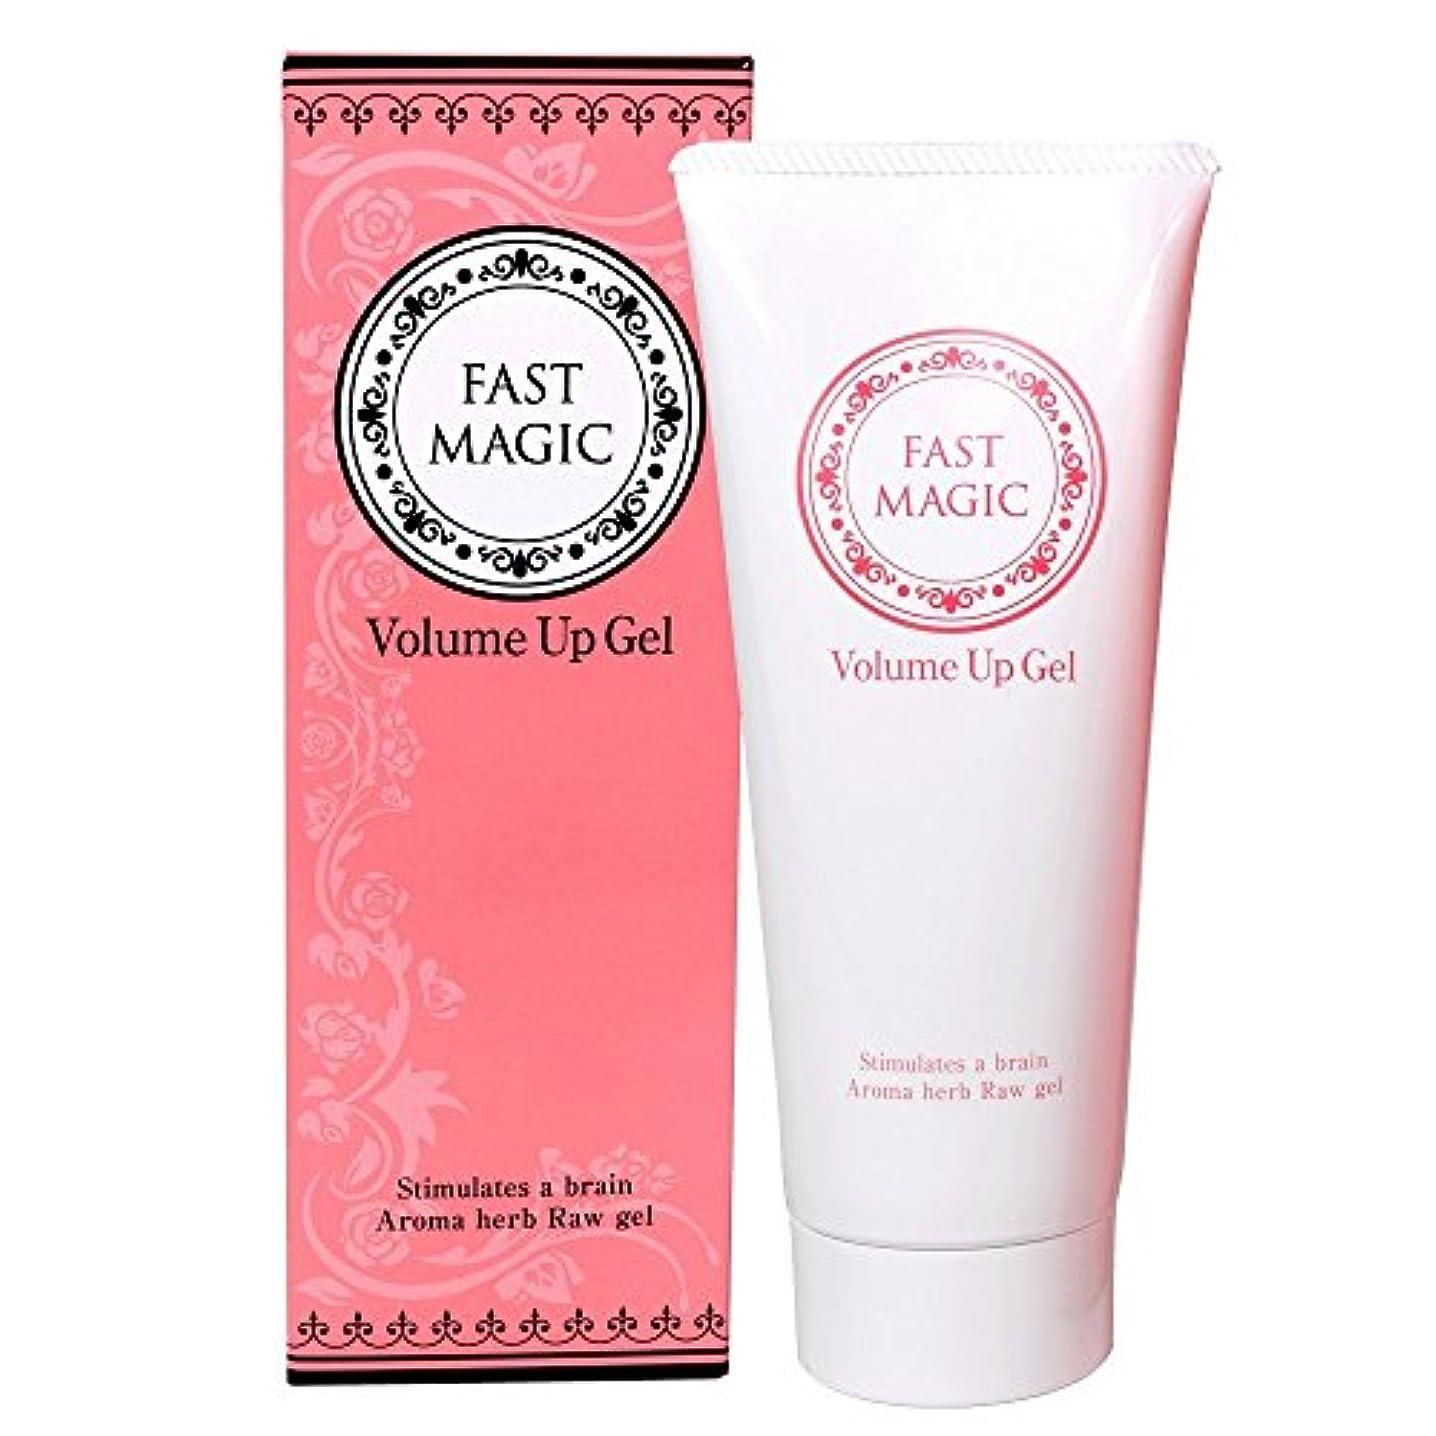 銀主張する結果としてファストマジックボリュームアップジェル FAST MAGIC Volume Up Gel (マッサージ方法別紙つき)